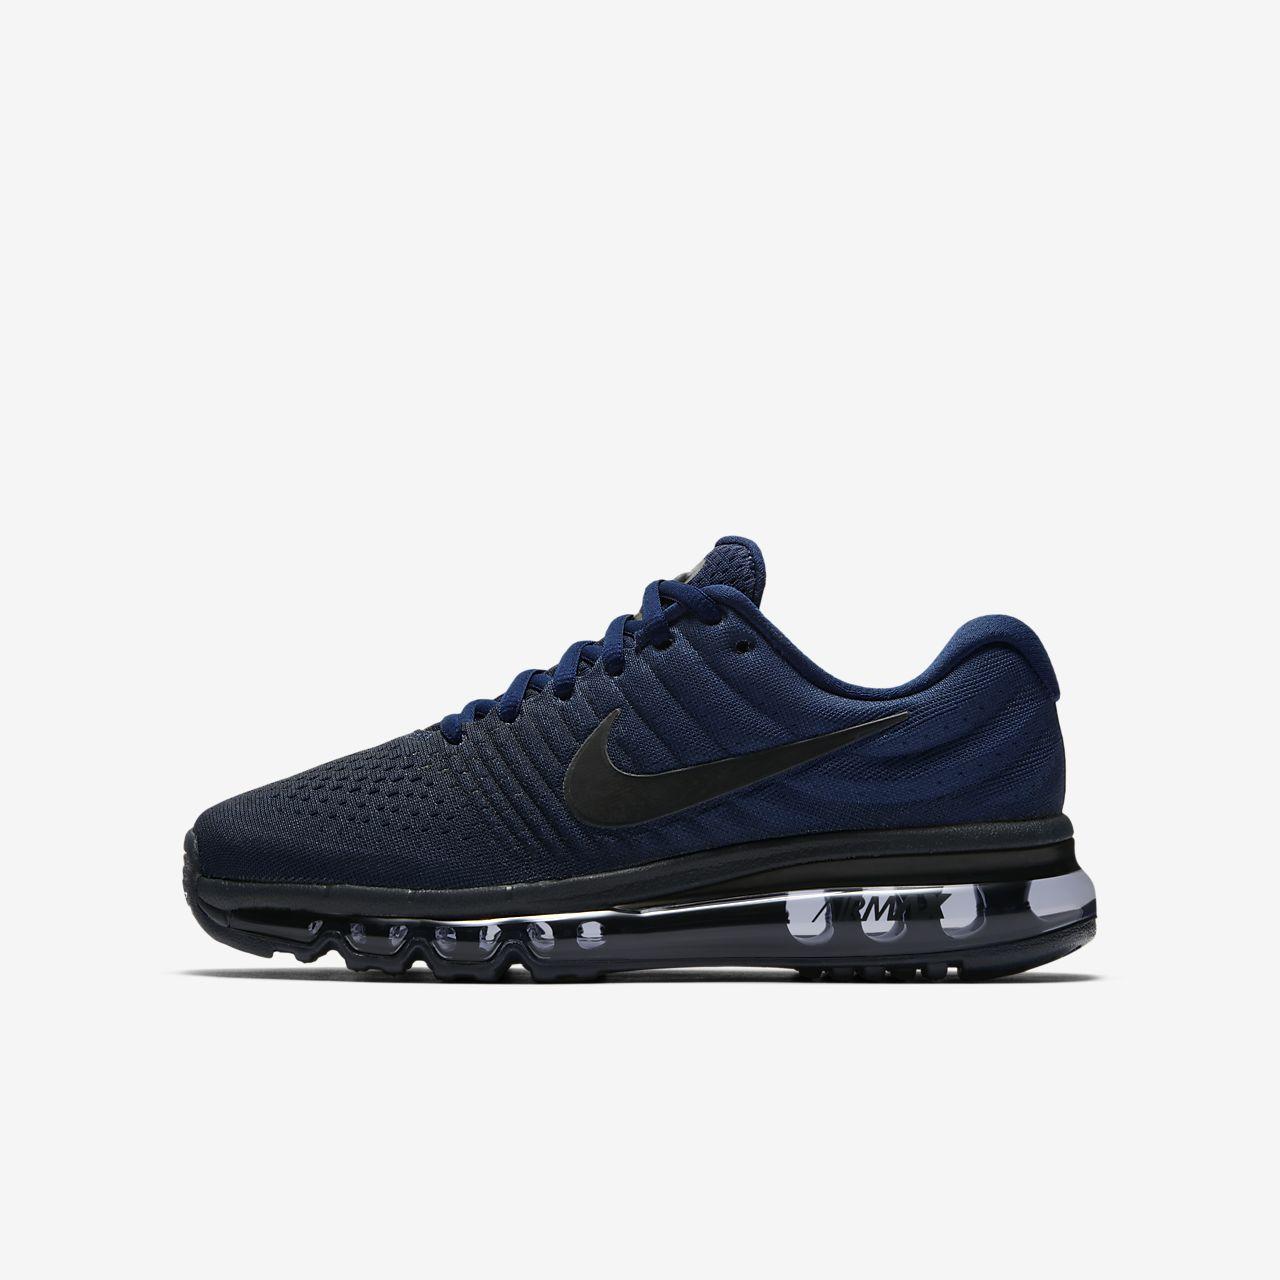 new products d8b5d fff27 ... closeout calzado para niños talla grande nike air max 2017 4f6a6 d3753